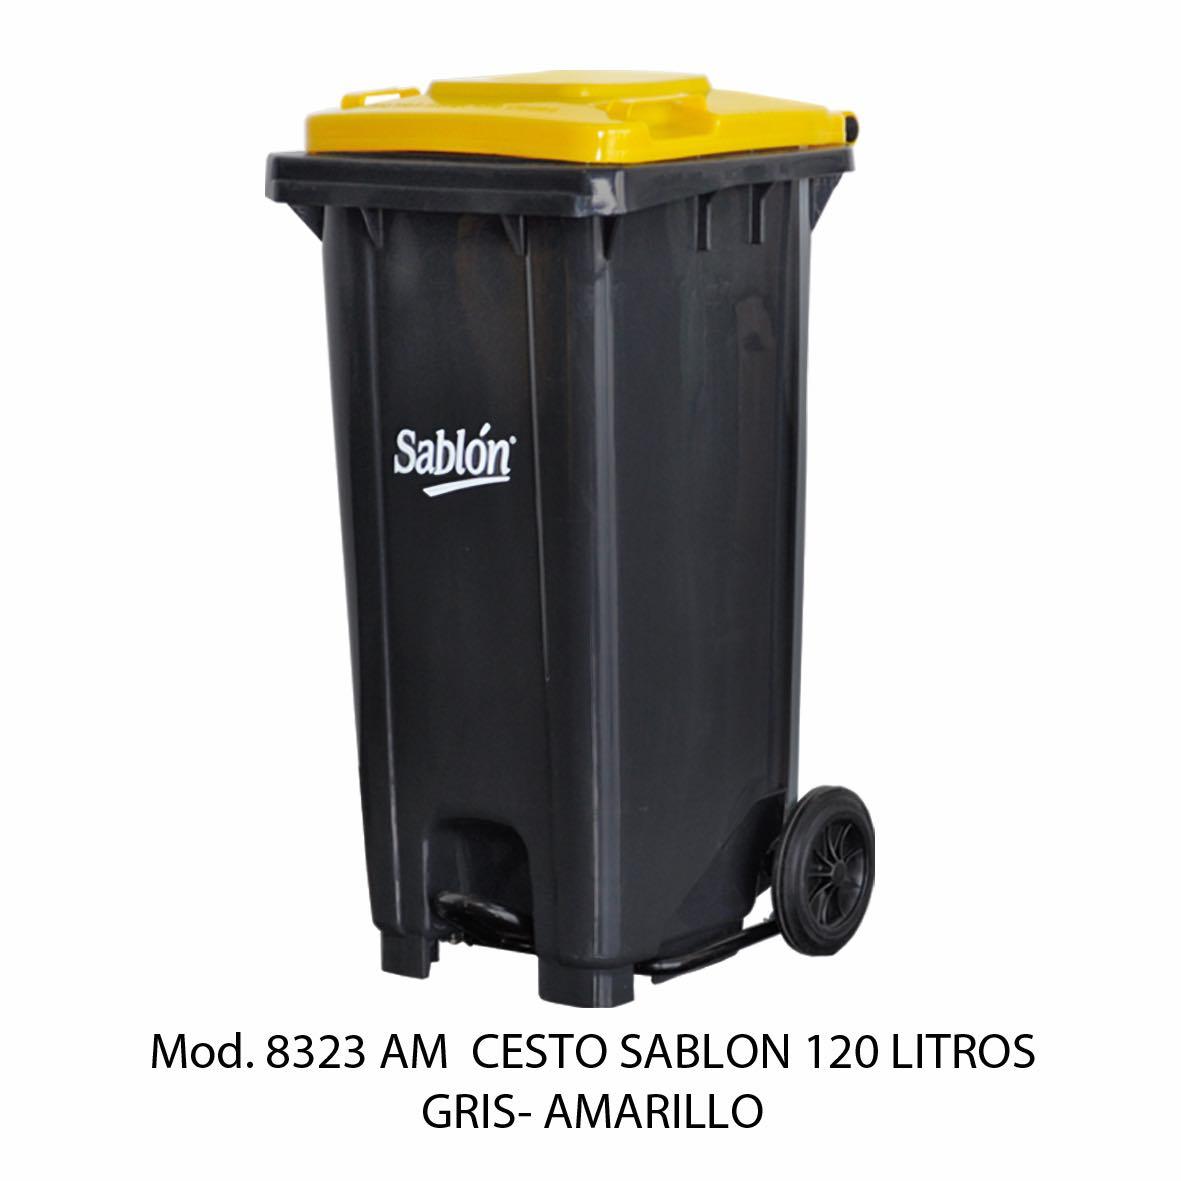 Contenedor para basura de 120 litros cuerpo gris y tapa amarilla - Modelo 8323 AM - Sablón